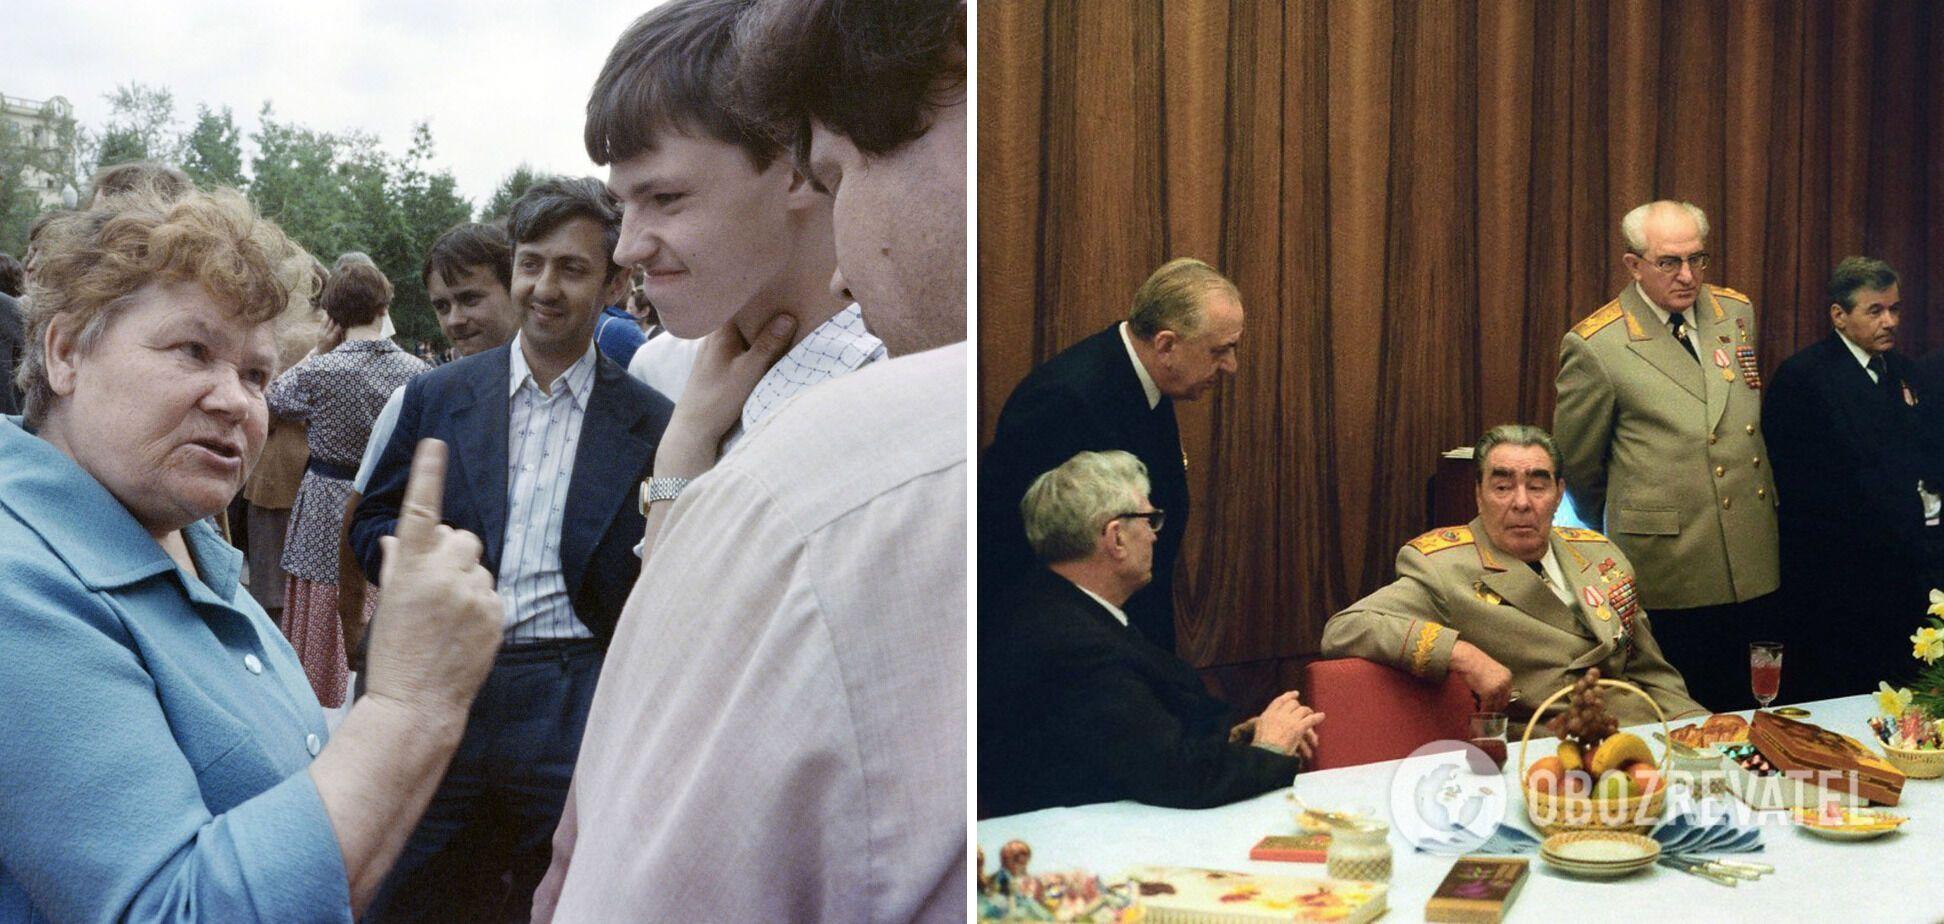 Хамський стиль спілкування в СРСР: 'тикання', панібратство, грубість